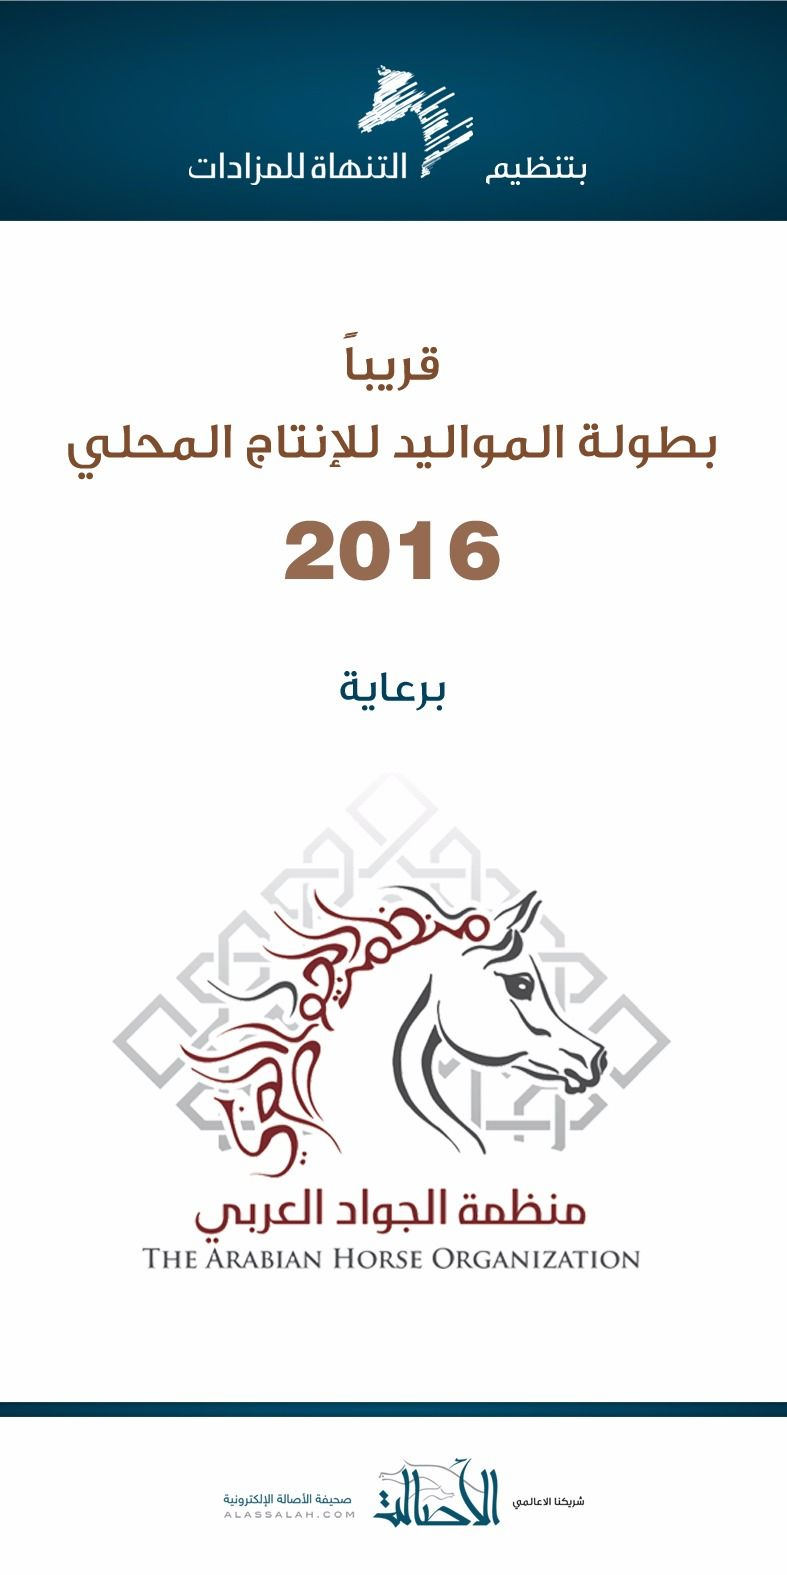 ترقبوا بطولة المواليد للإنتاج المحلي Arabian Horse Arabians Horses